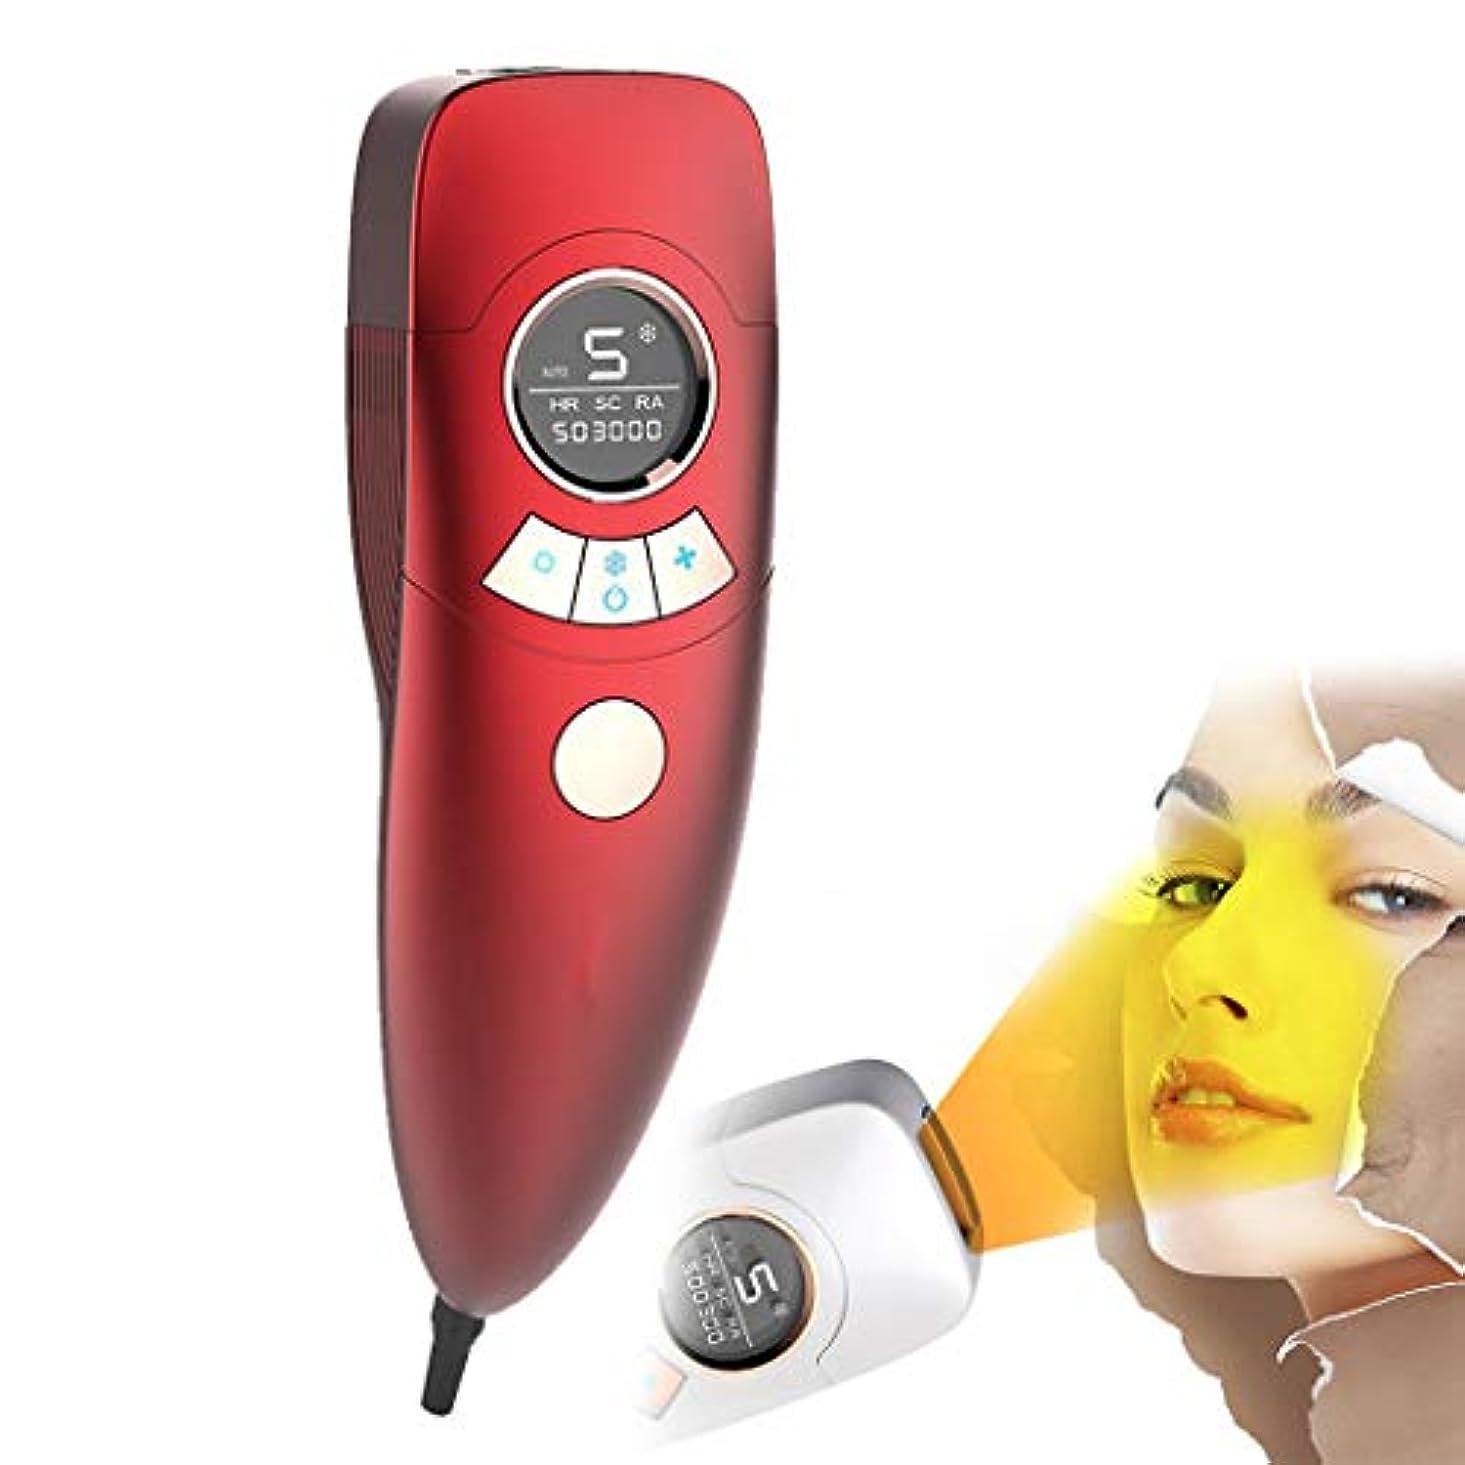 ヶ月目刺す上電気脱毛装置は痛みがありません女性4で1充電式電気脱毛器の髪、ビキニエリア鼻脇の下腕の脚の痛みのない永久的な体毛リムーバー-red